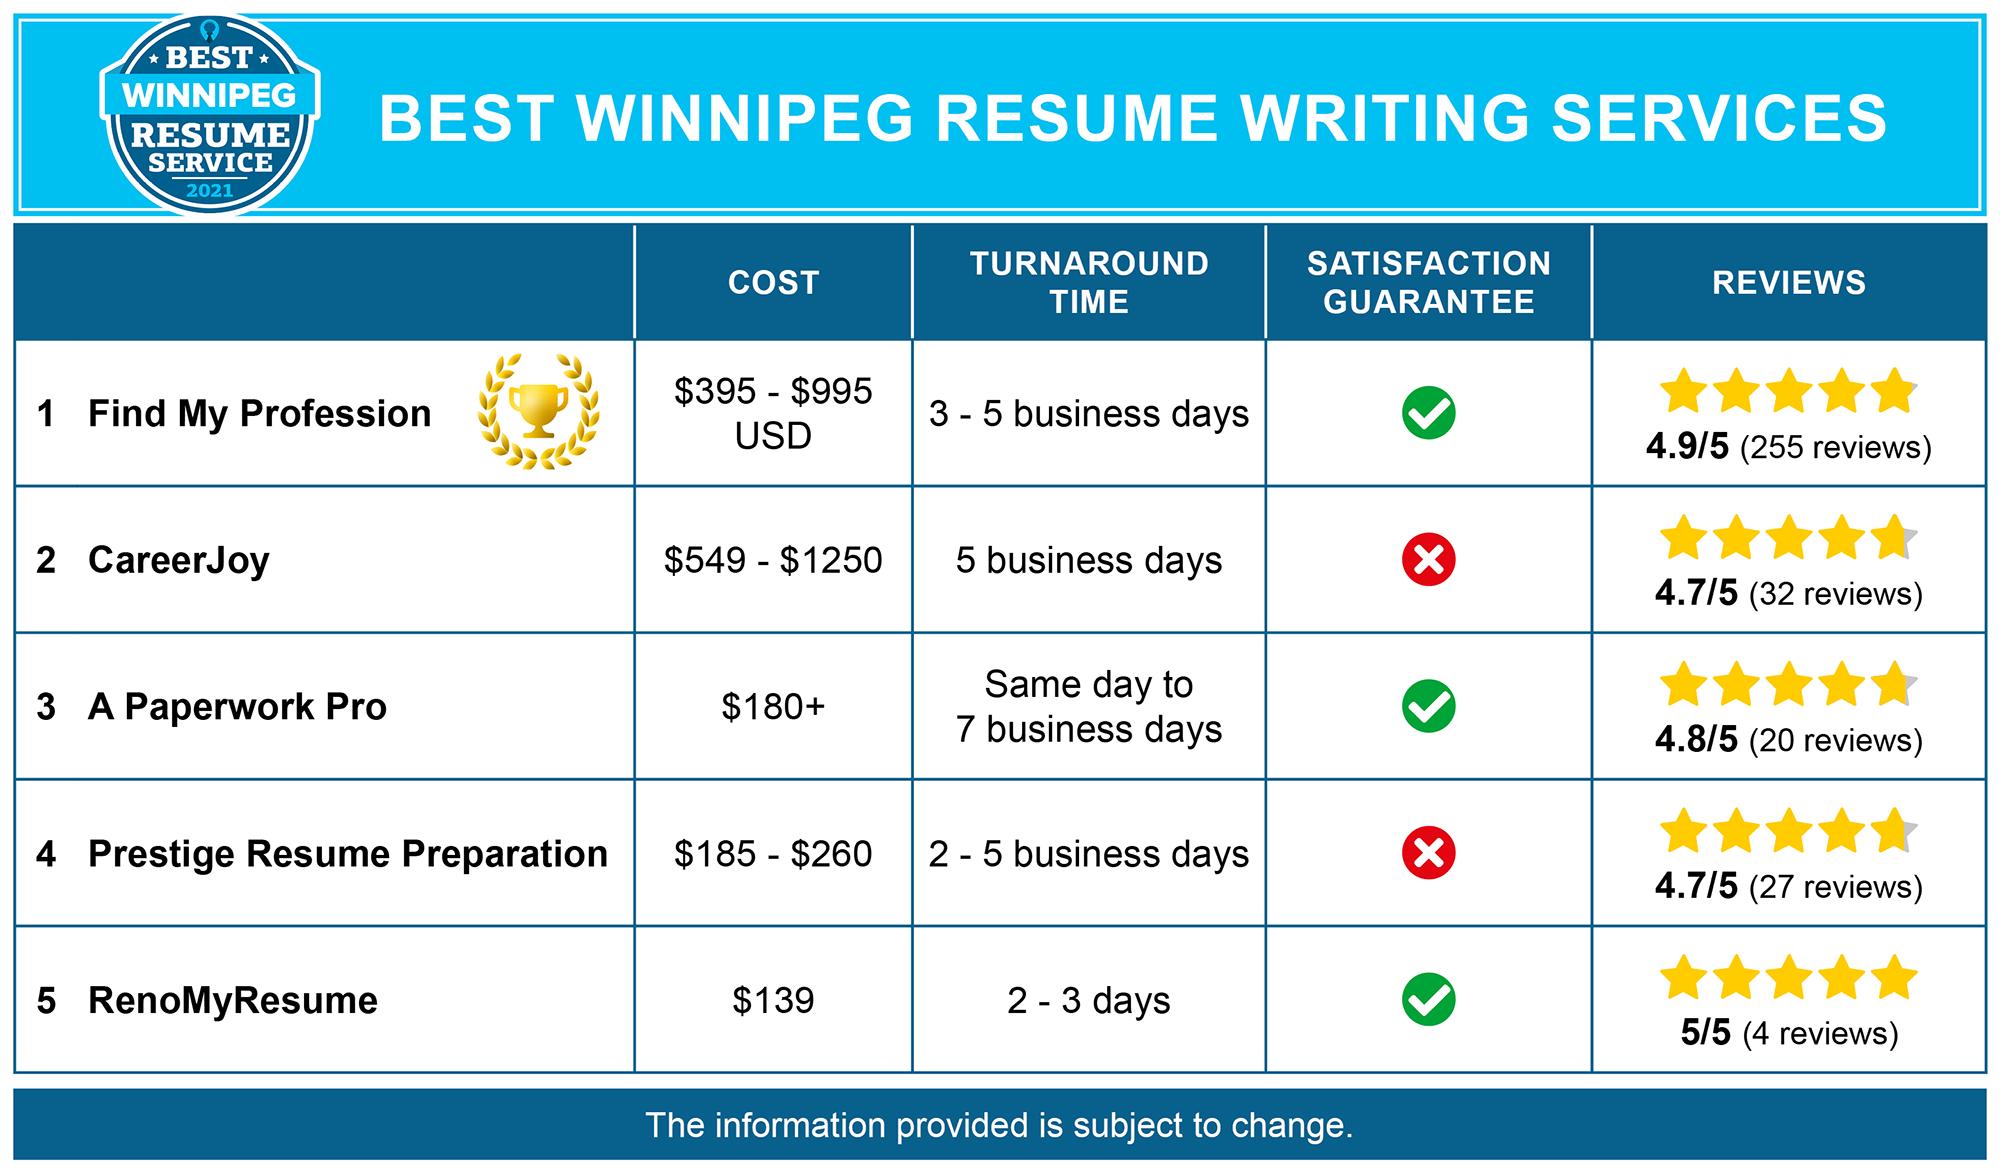 Best Winnipeg Resume Services